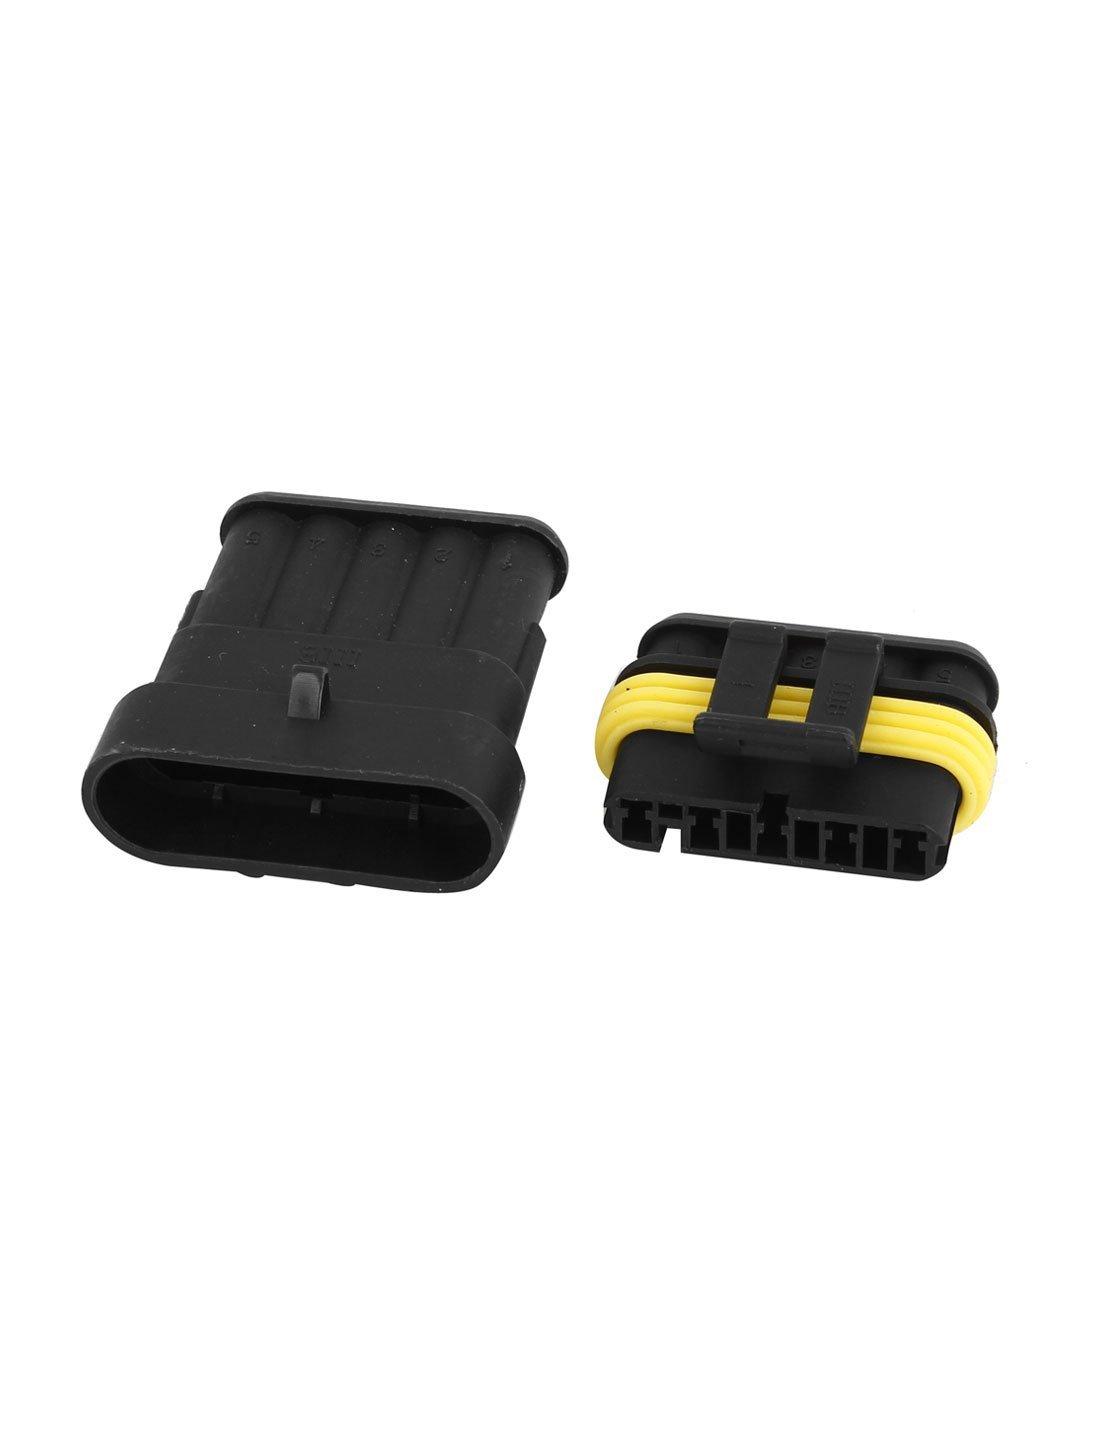 Amazon.com: eDealMax 2 Conjunto impermeable RV 5 Camino Conector coche del Barco del carro ATV UTV: Electronics